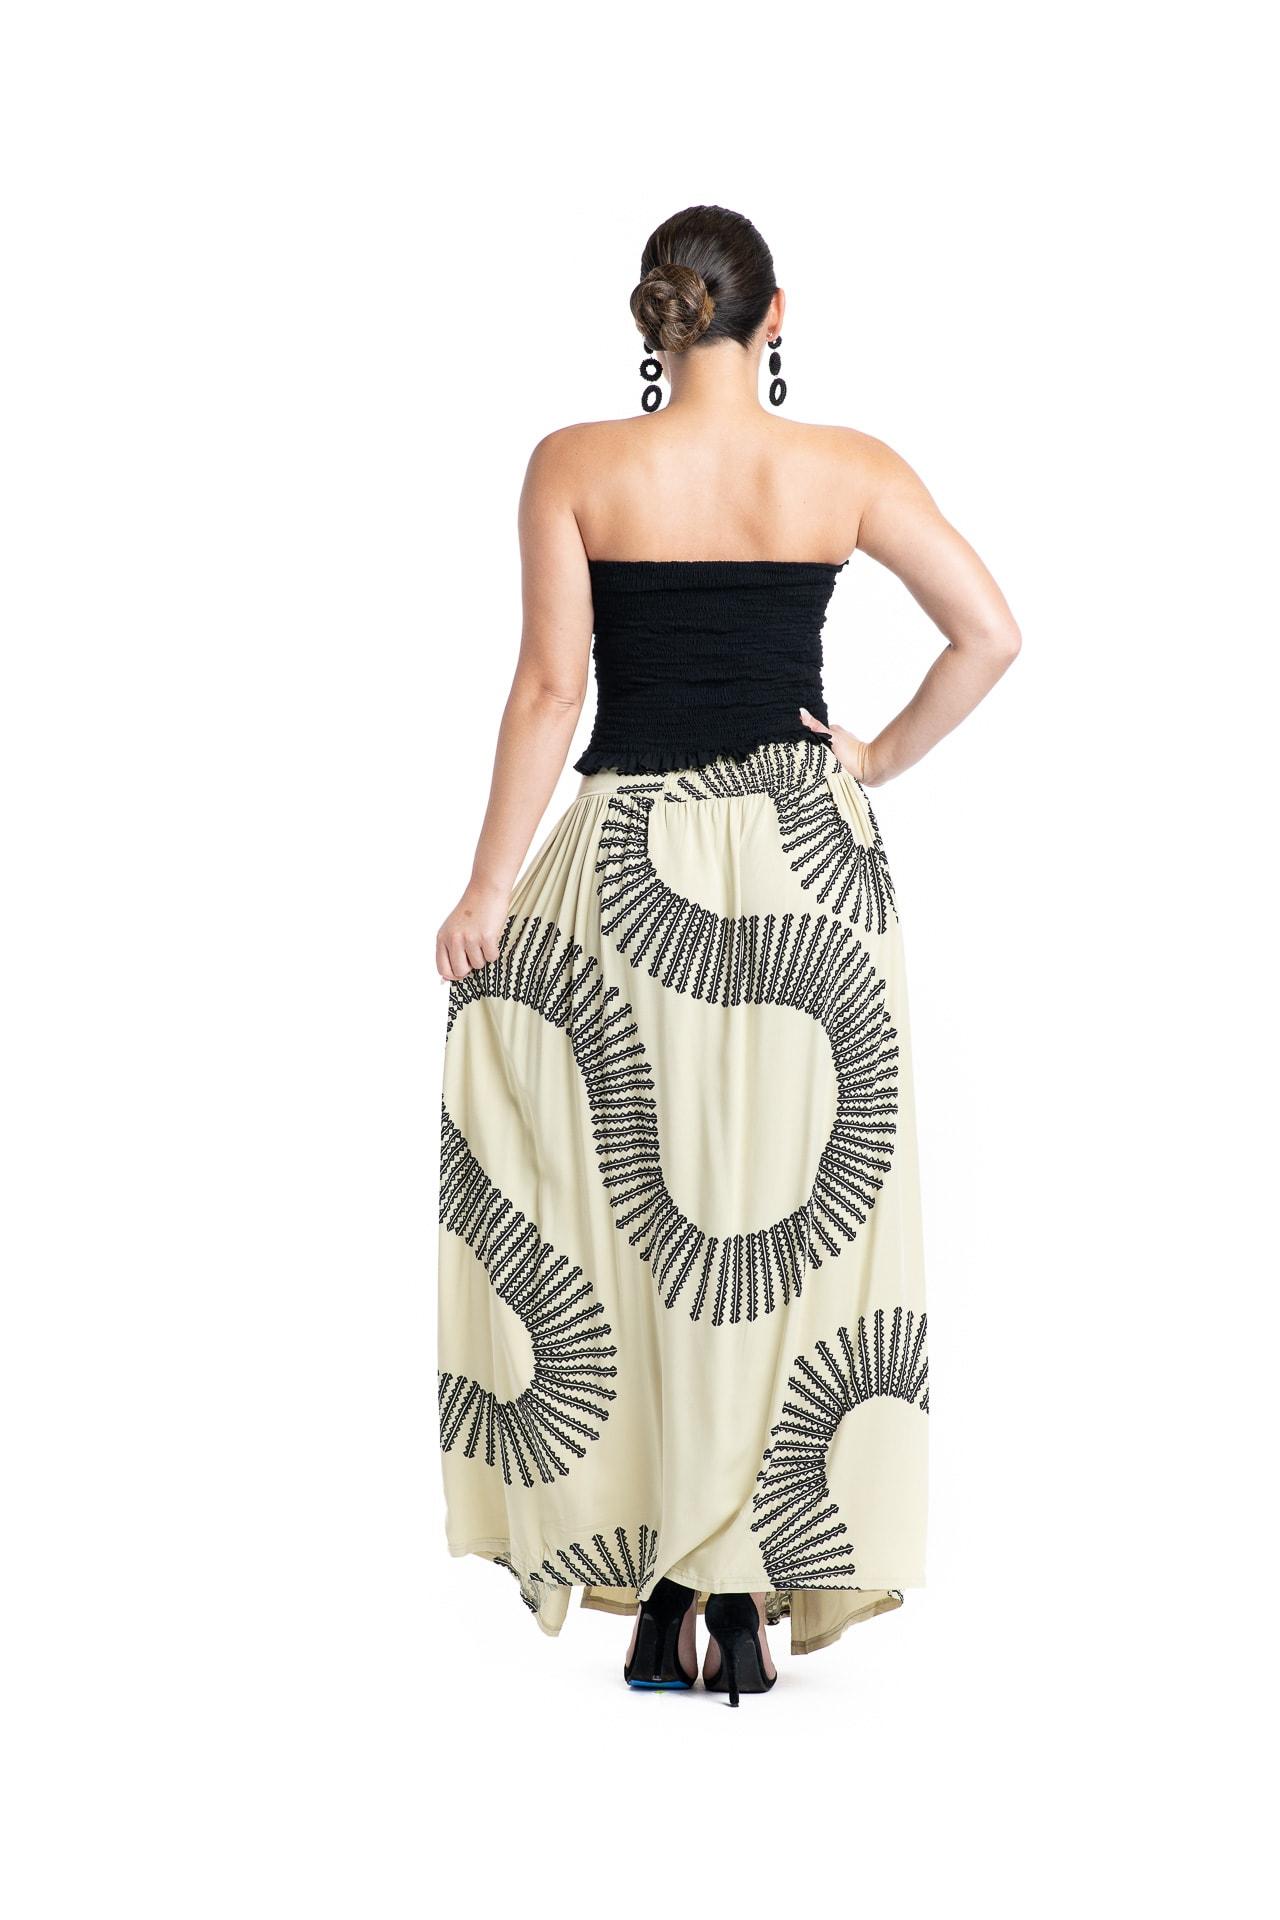 Model wearing Maoli Skirt - Back View